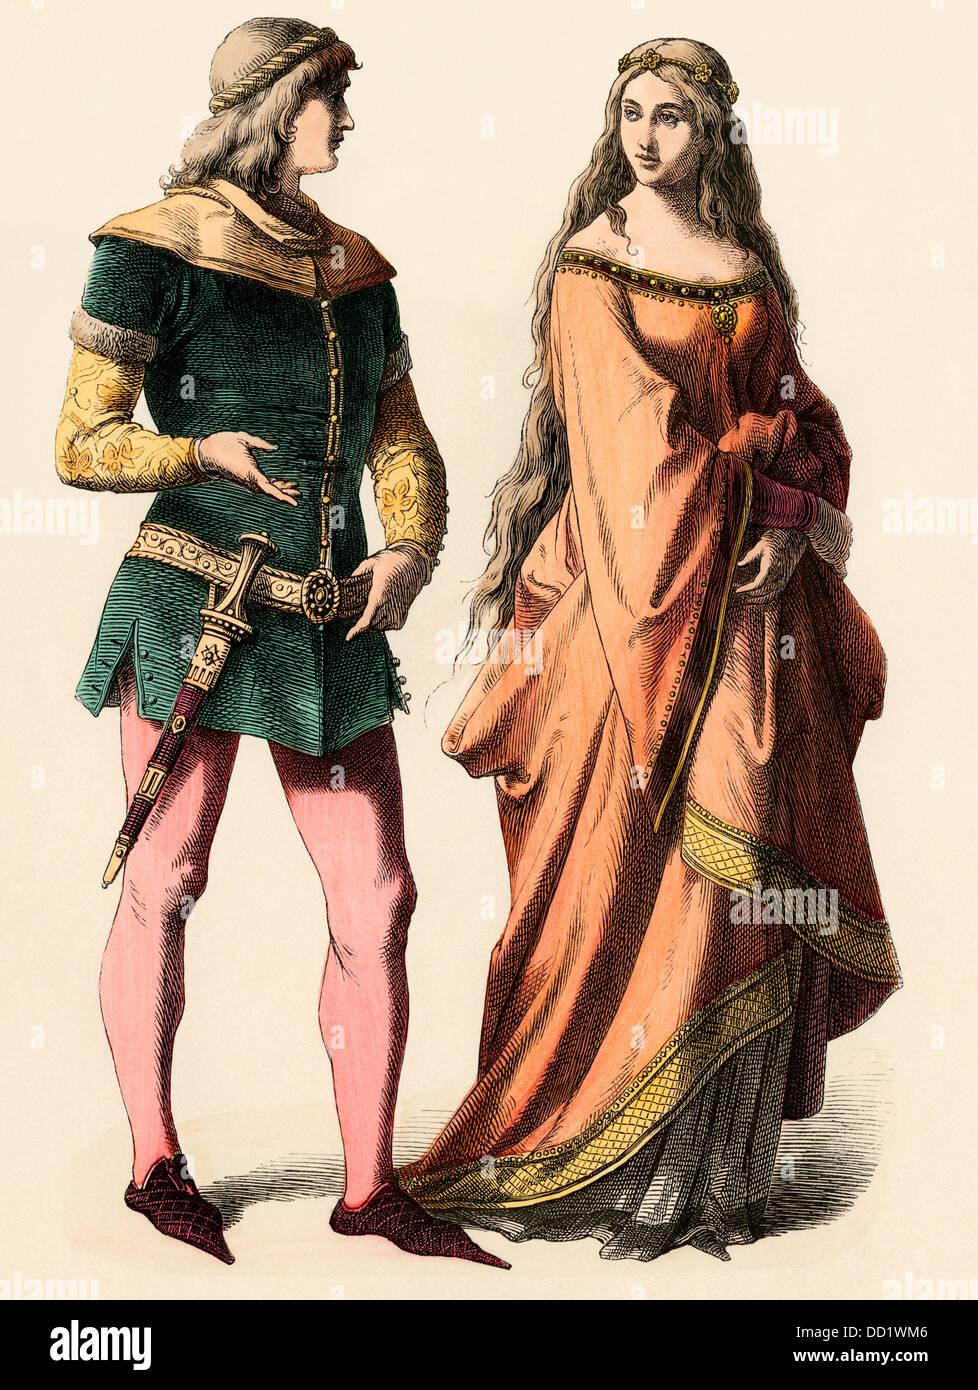 Caballero alemán y una dama, 1300s. Mano de color imprimir Imagen De Stock